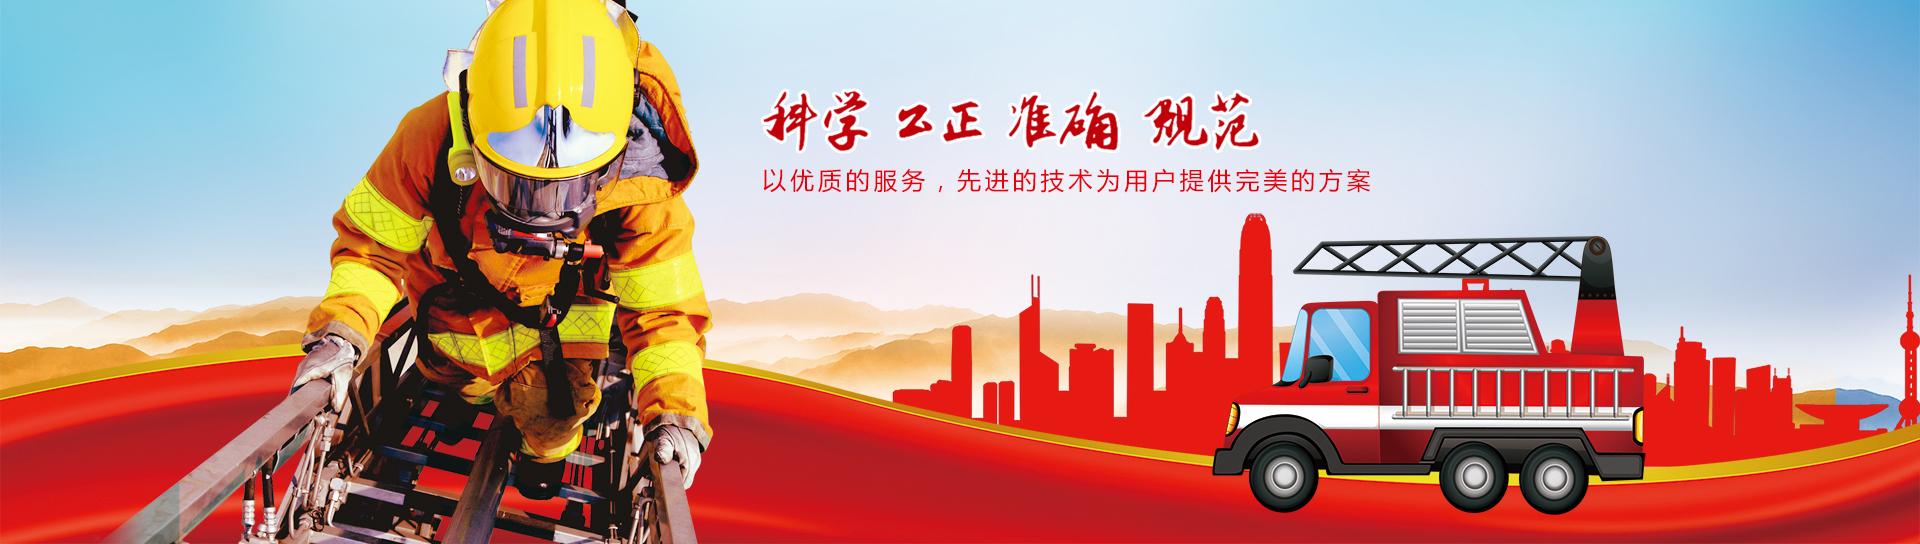 贵州消防检测